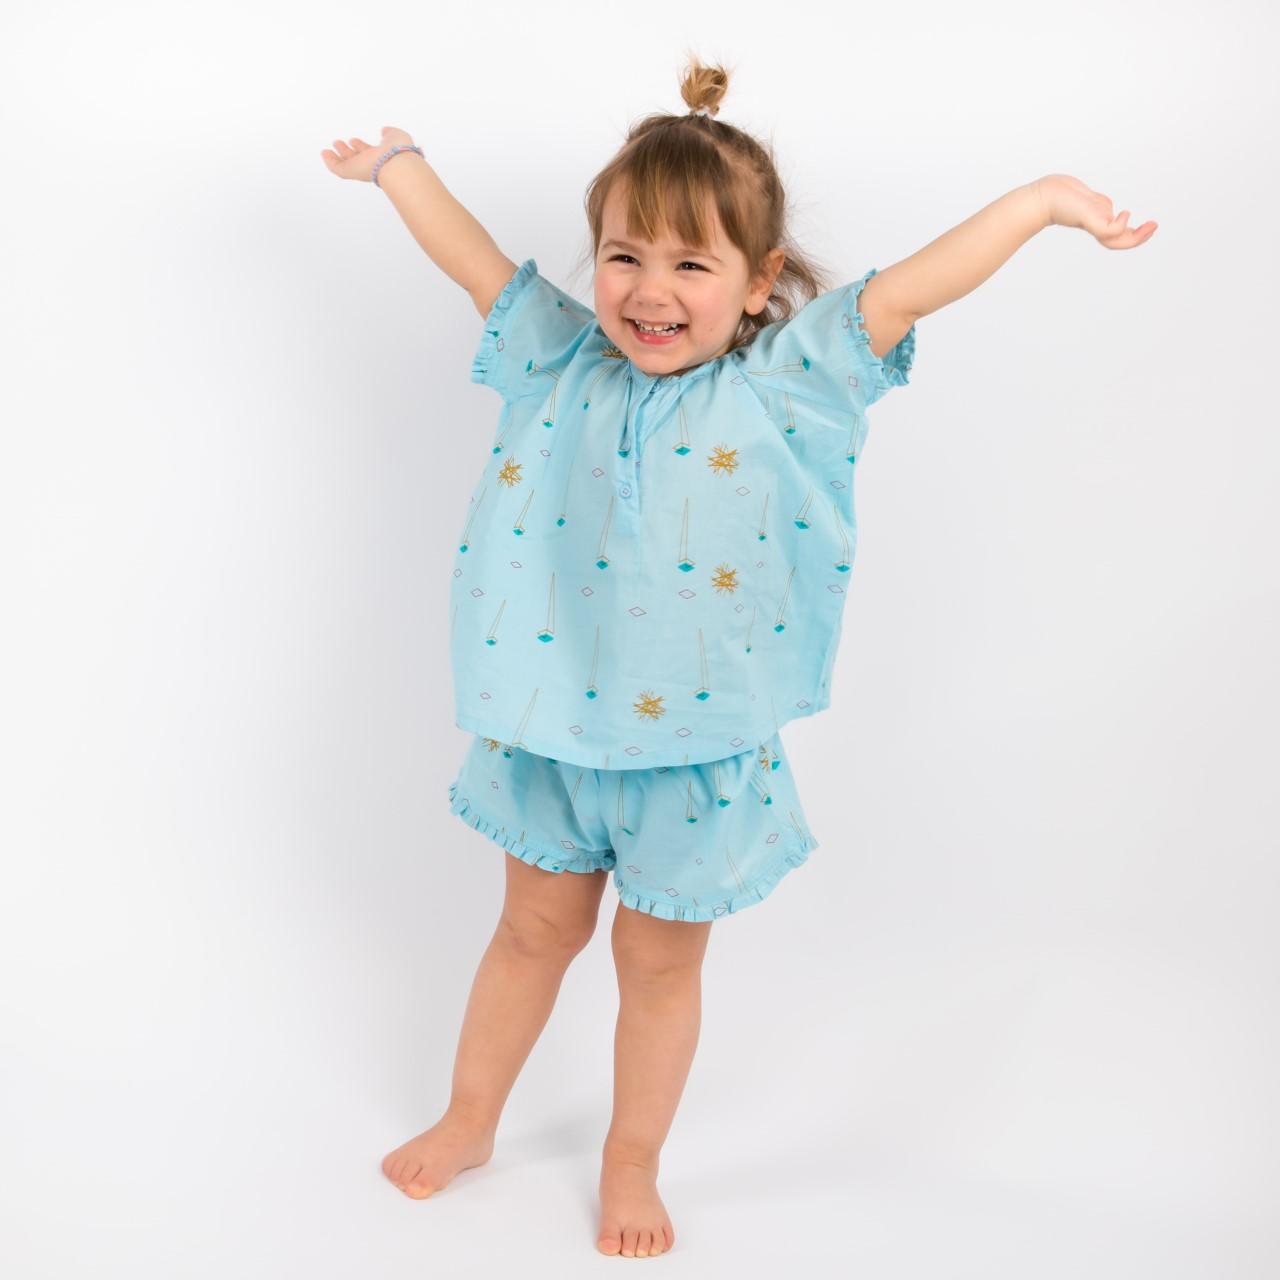 Τα πιο όμορφα παιδικά ρούχα που βρήκαμε και είναι ελληνικά